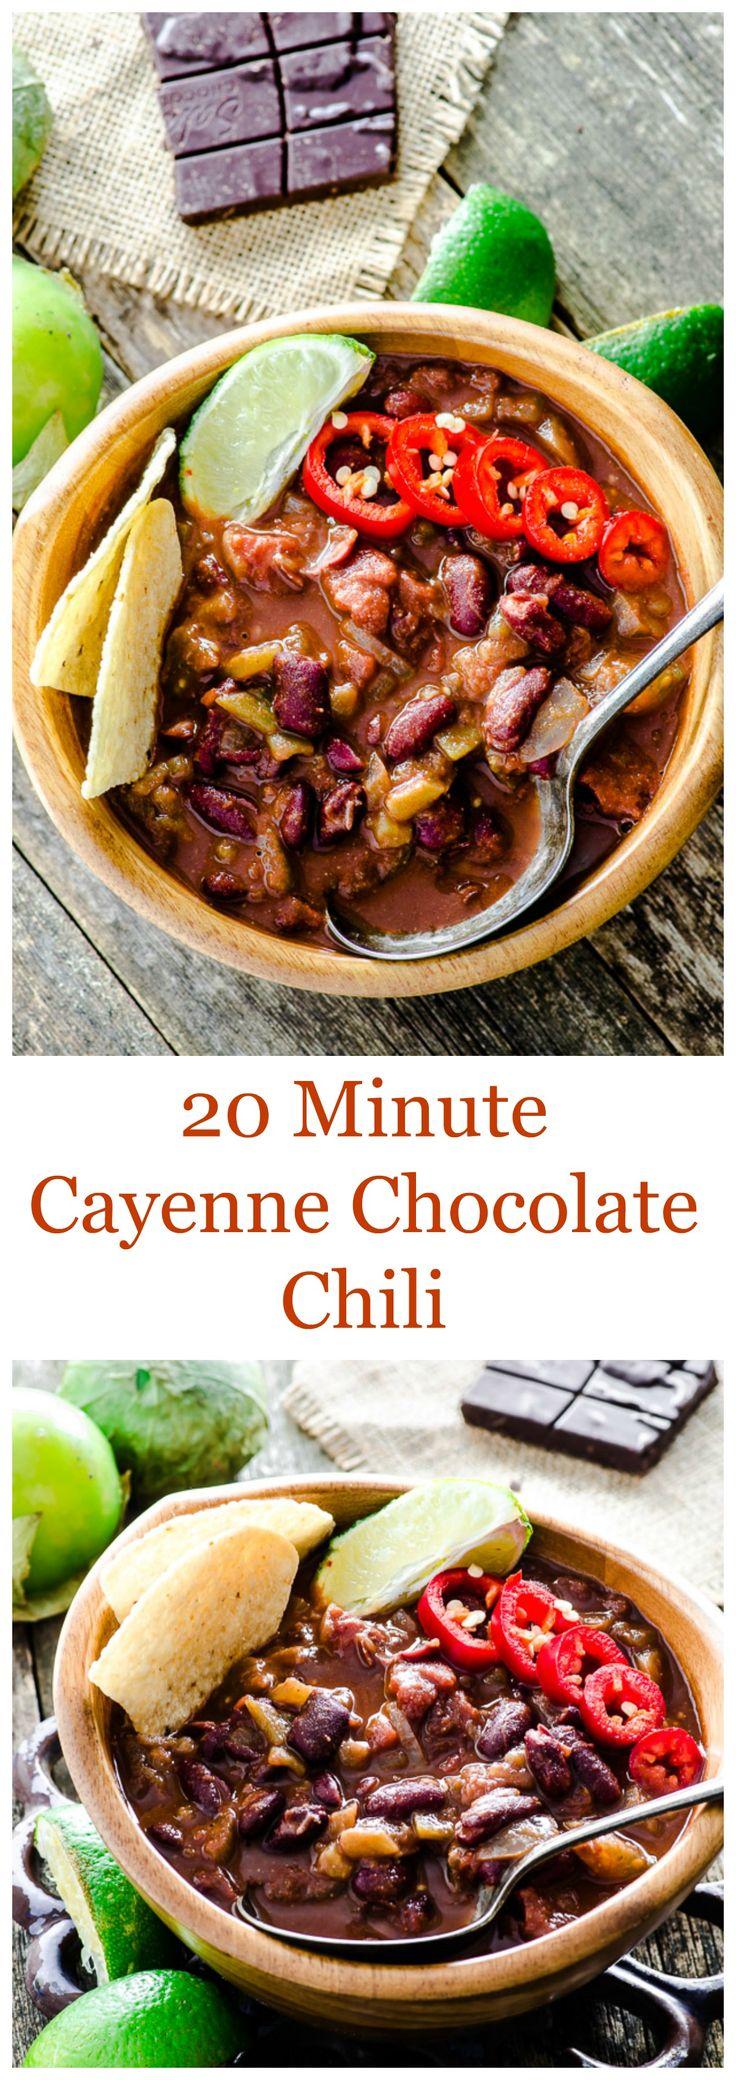 20 Minute Cayenne Chocolate Chili